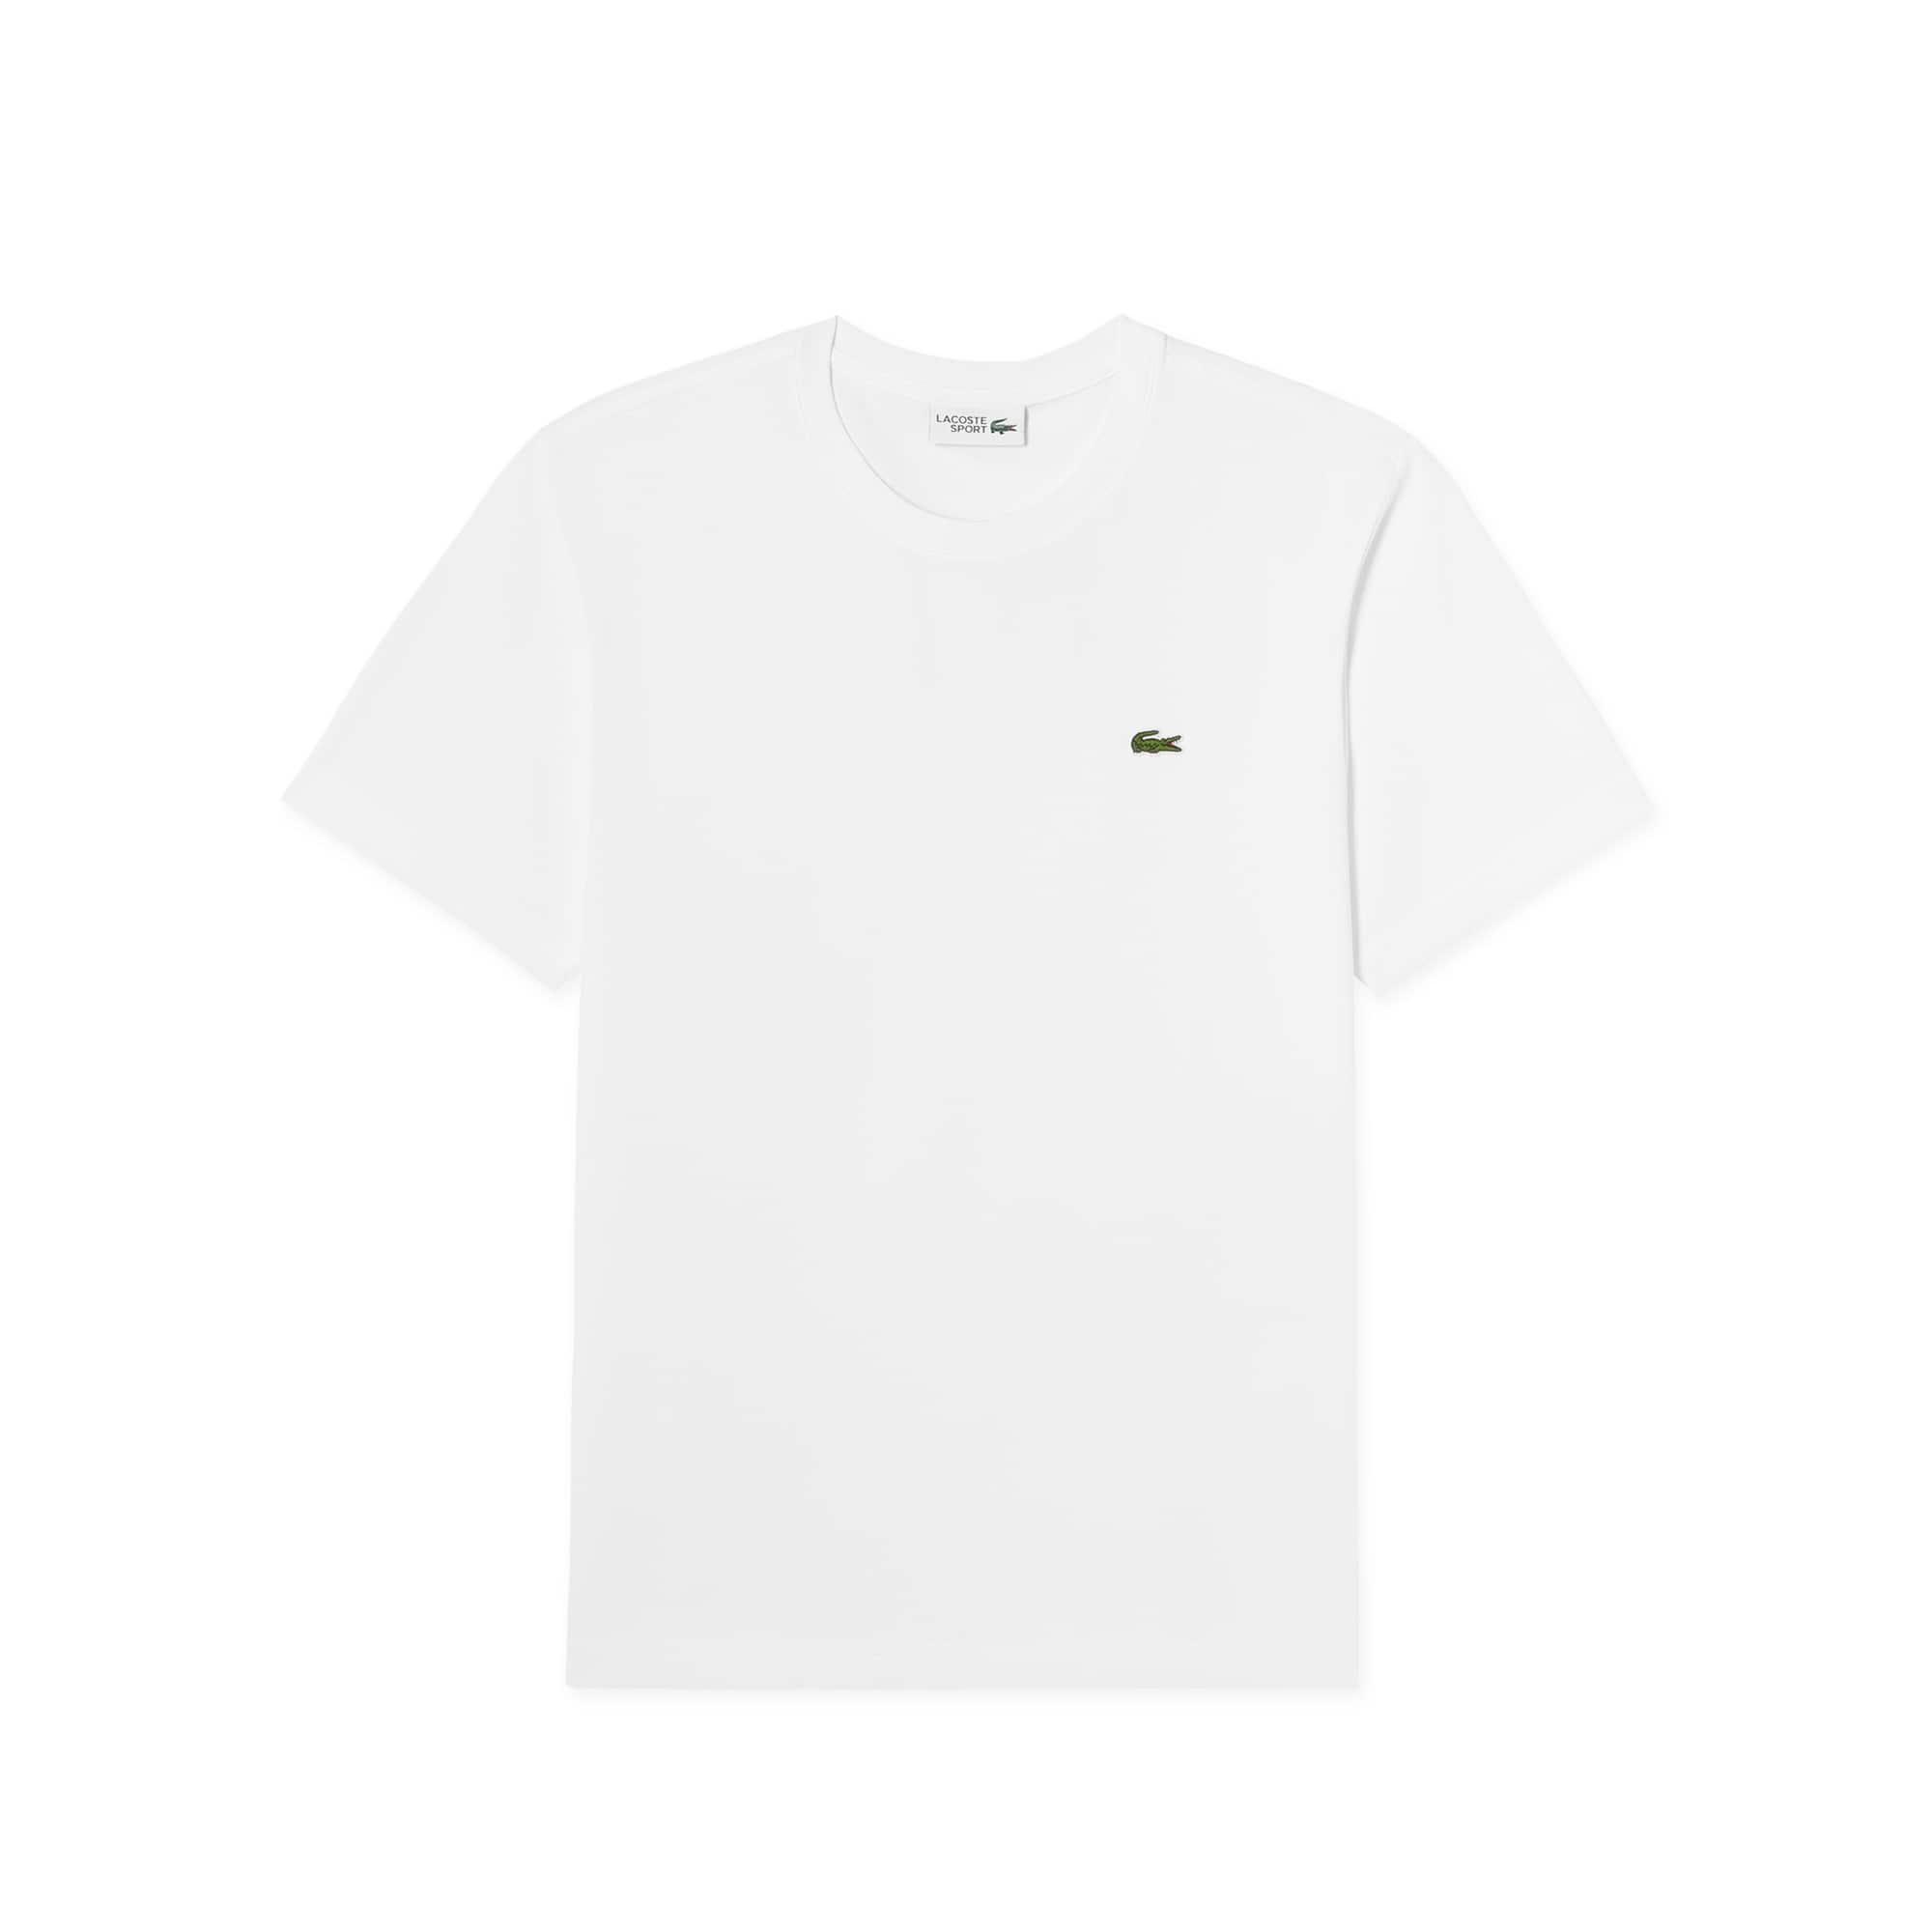 (남성) 스포츠 초경량 크루넥 코튼 테니스 티셔츠